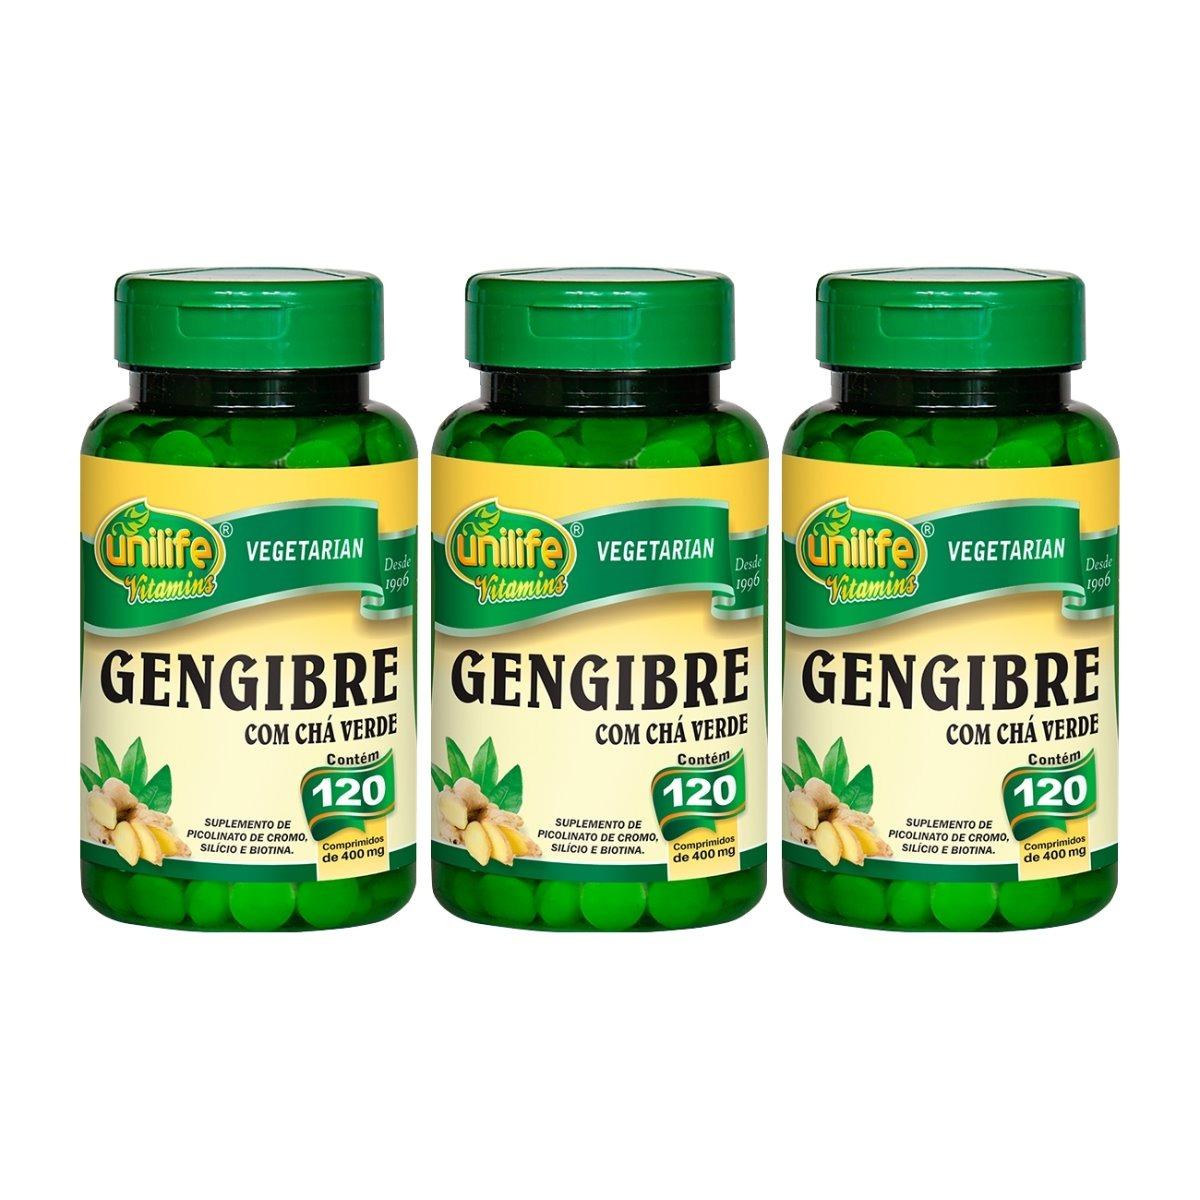 Gengibre Com Chá Verde 120 Comprimidos 400mg Unilife Kit 3 Unidades